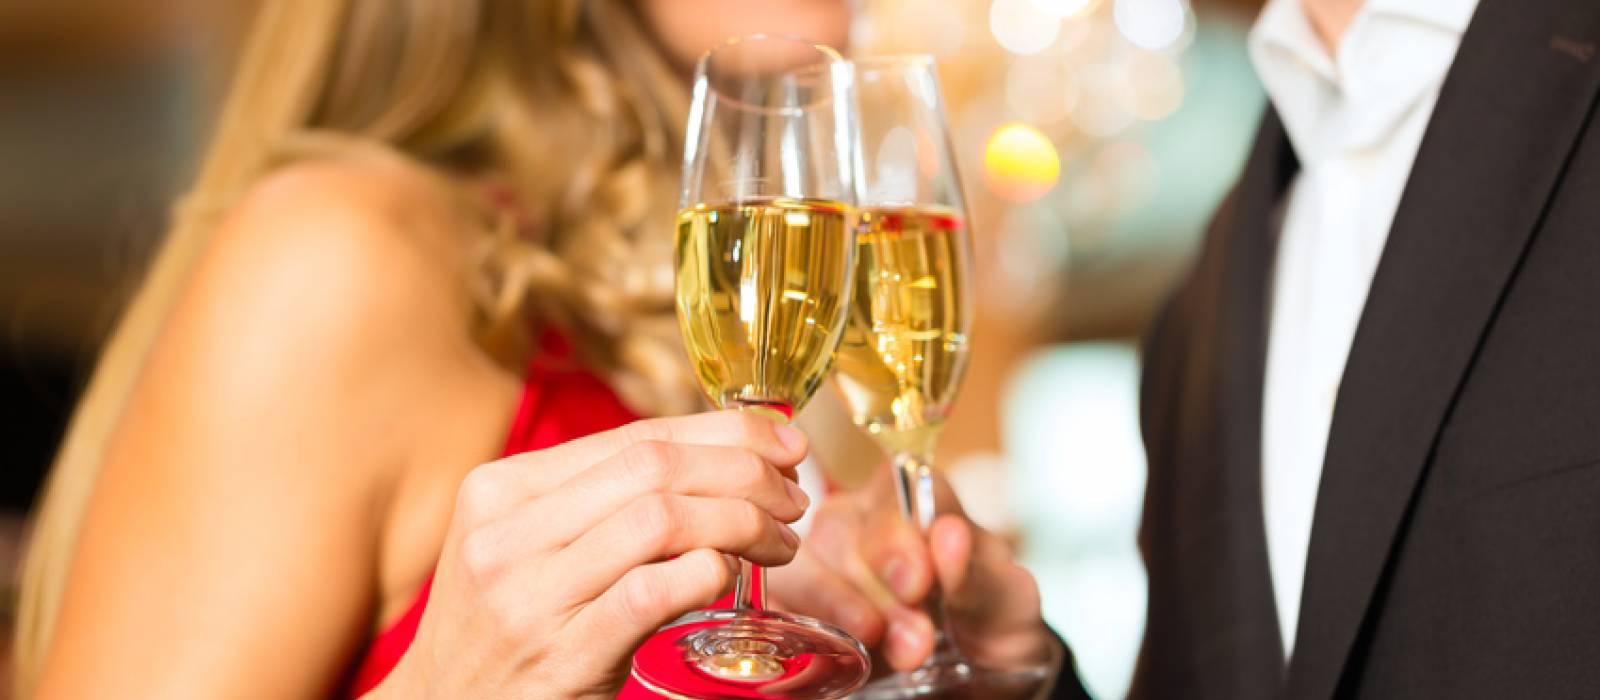 Romantik pur: Sankt Valentin in Valladolid  - Hotel Vincci Frontaura